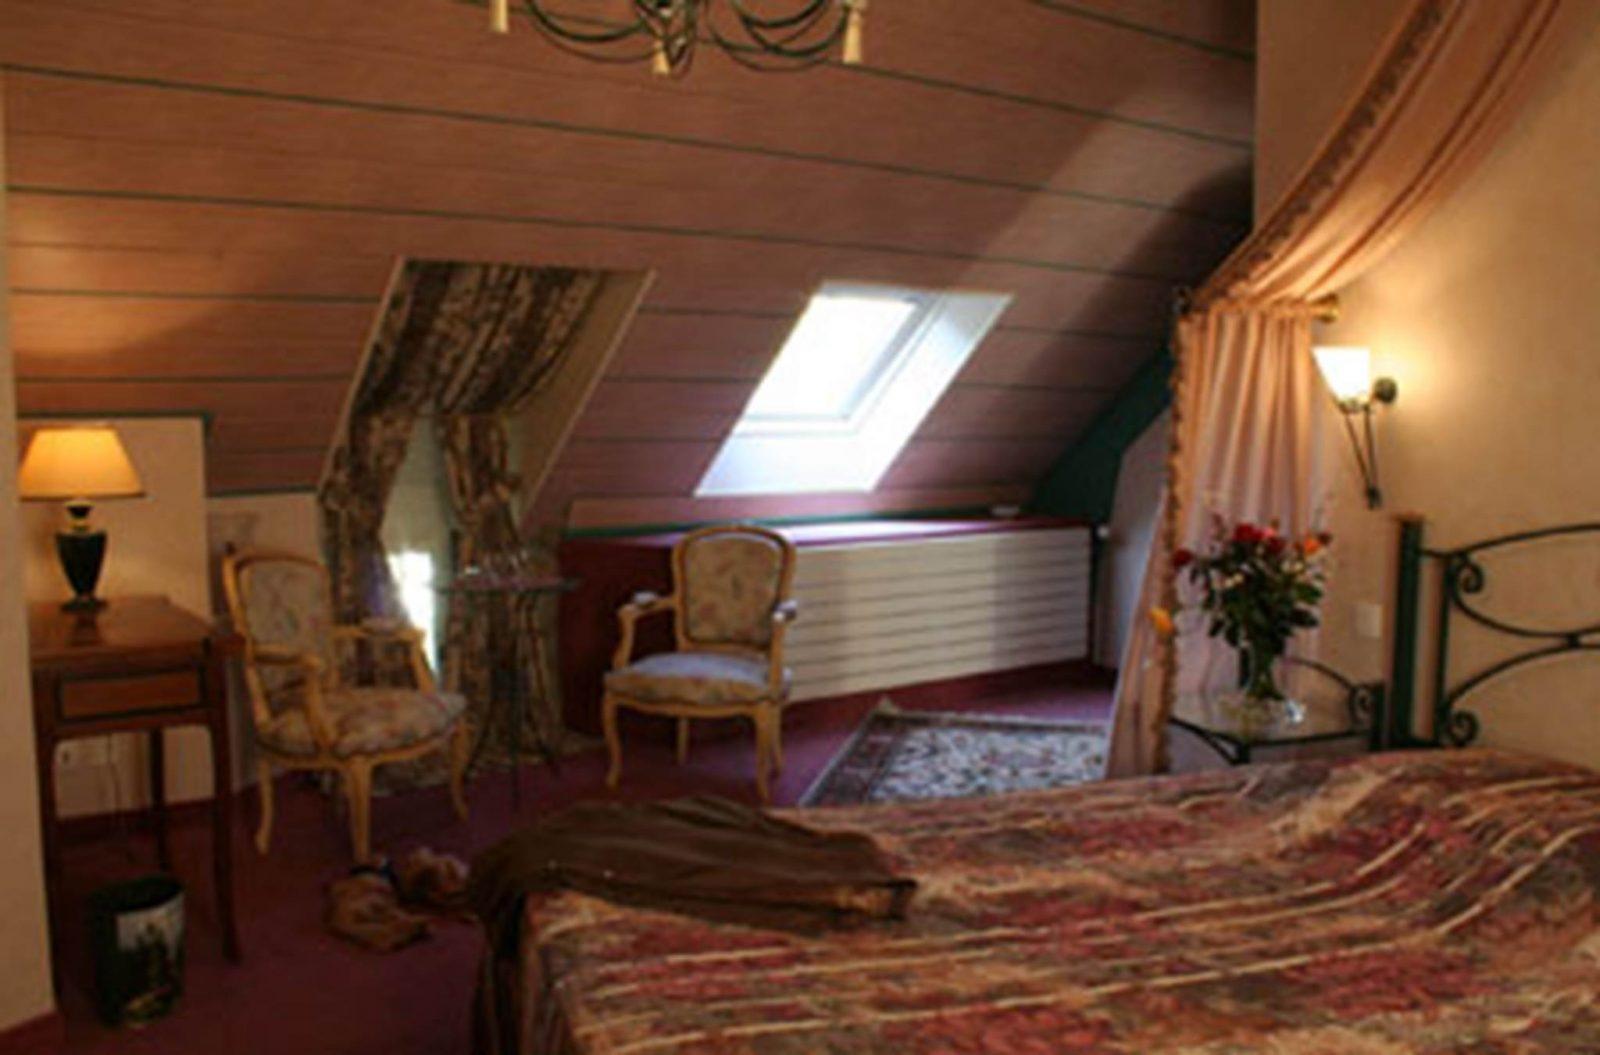 3-Hotel-Manoir-de-Bodrevan-Noyal-Muzillac-Morbihan-Bretagne-Sud